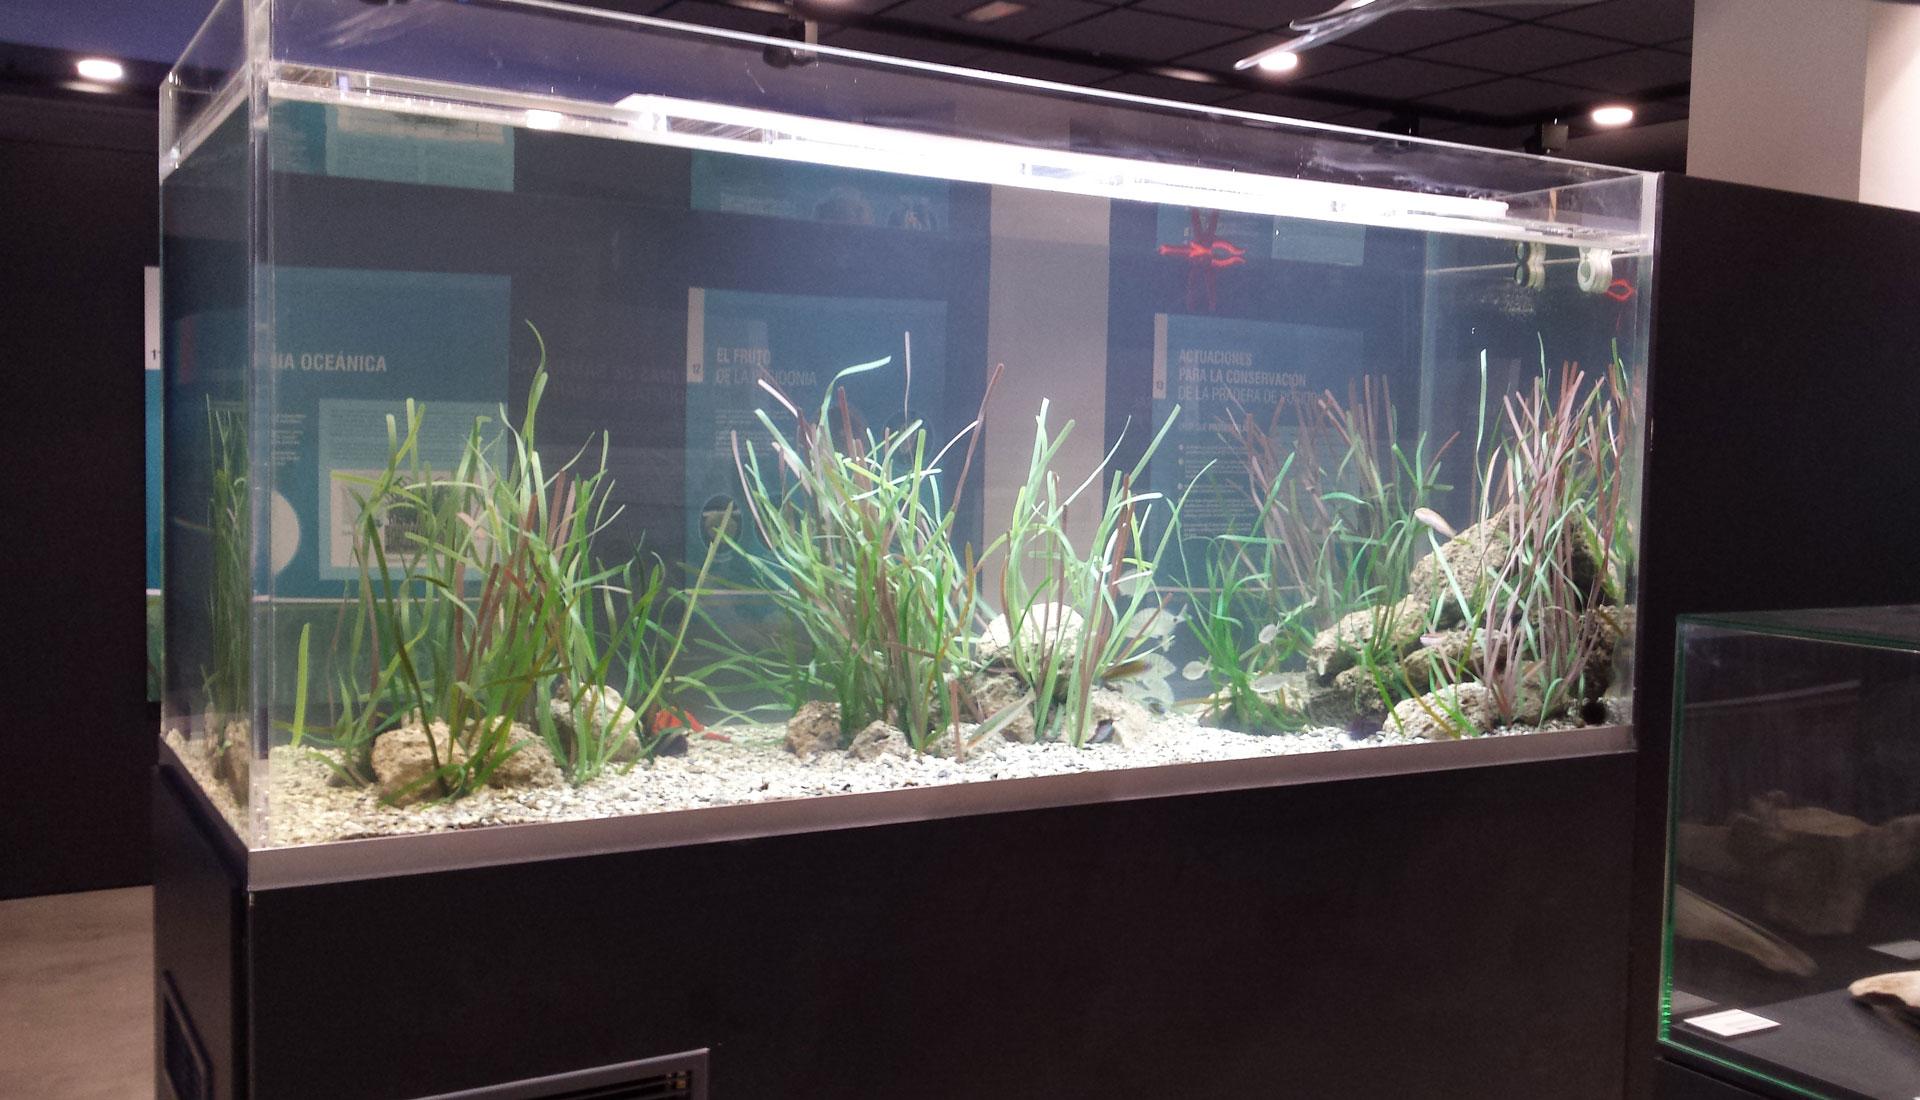 Acuarios catro depuradoras cet reas acuarios y viveros for Acuarios ornamentales